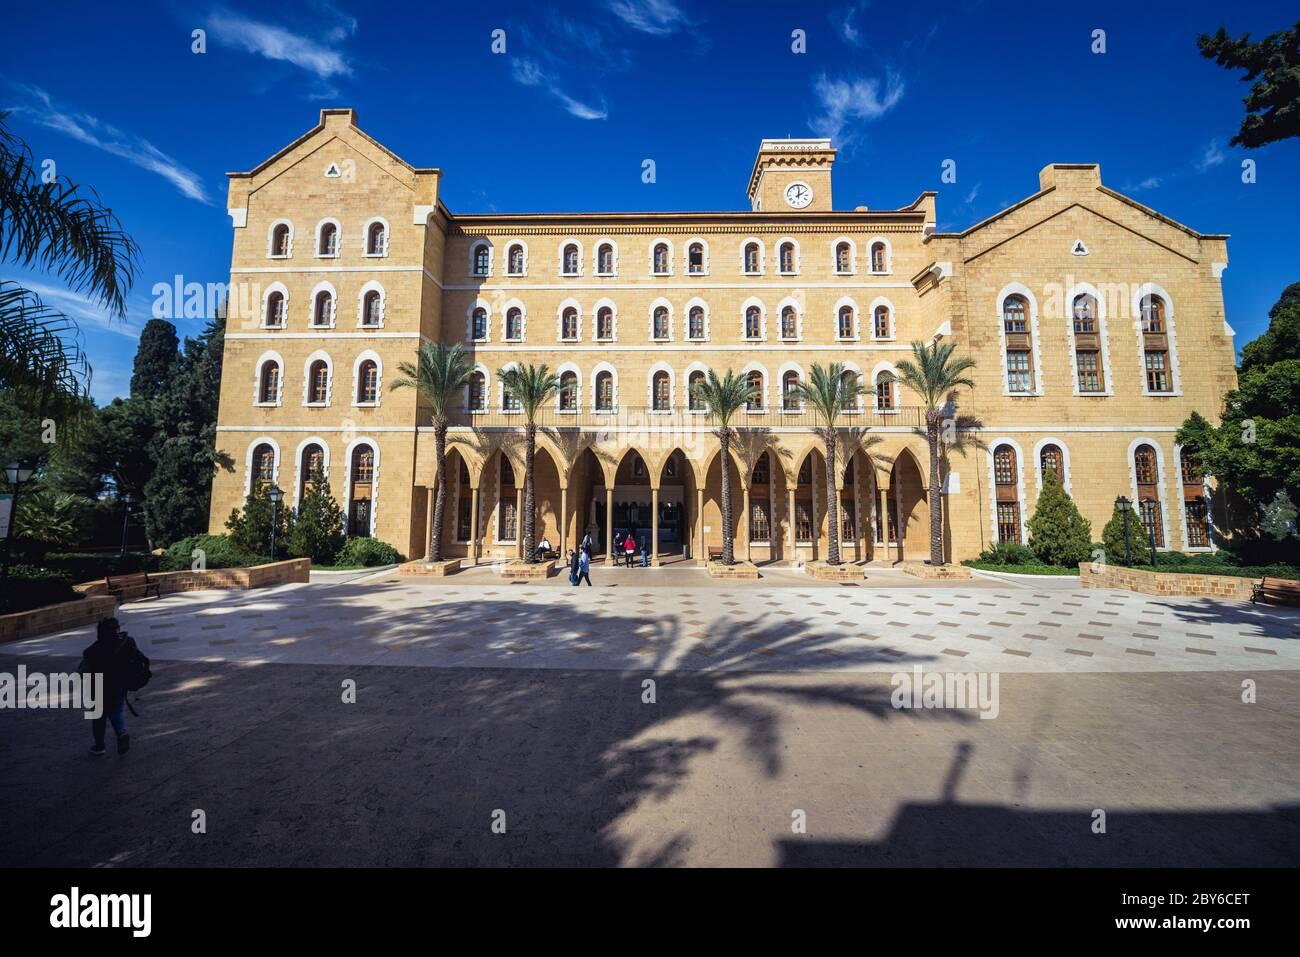 Edificio del College Hall en la Universidad Americana de Beirut en Beirut, Líbano Foto de stock